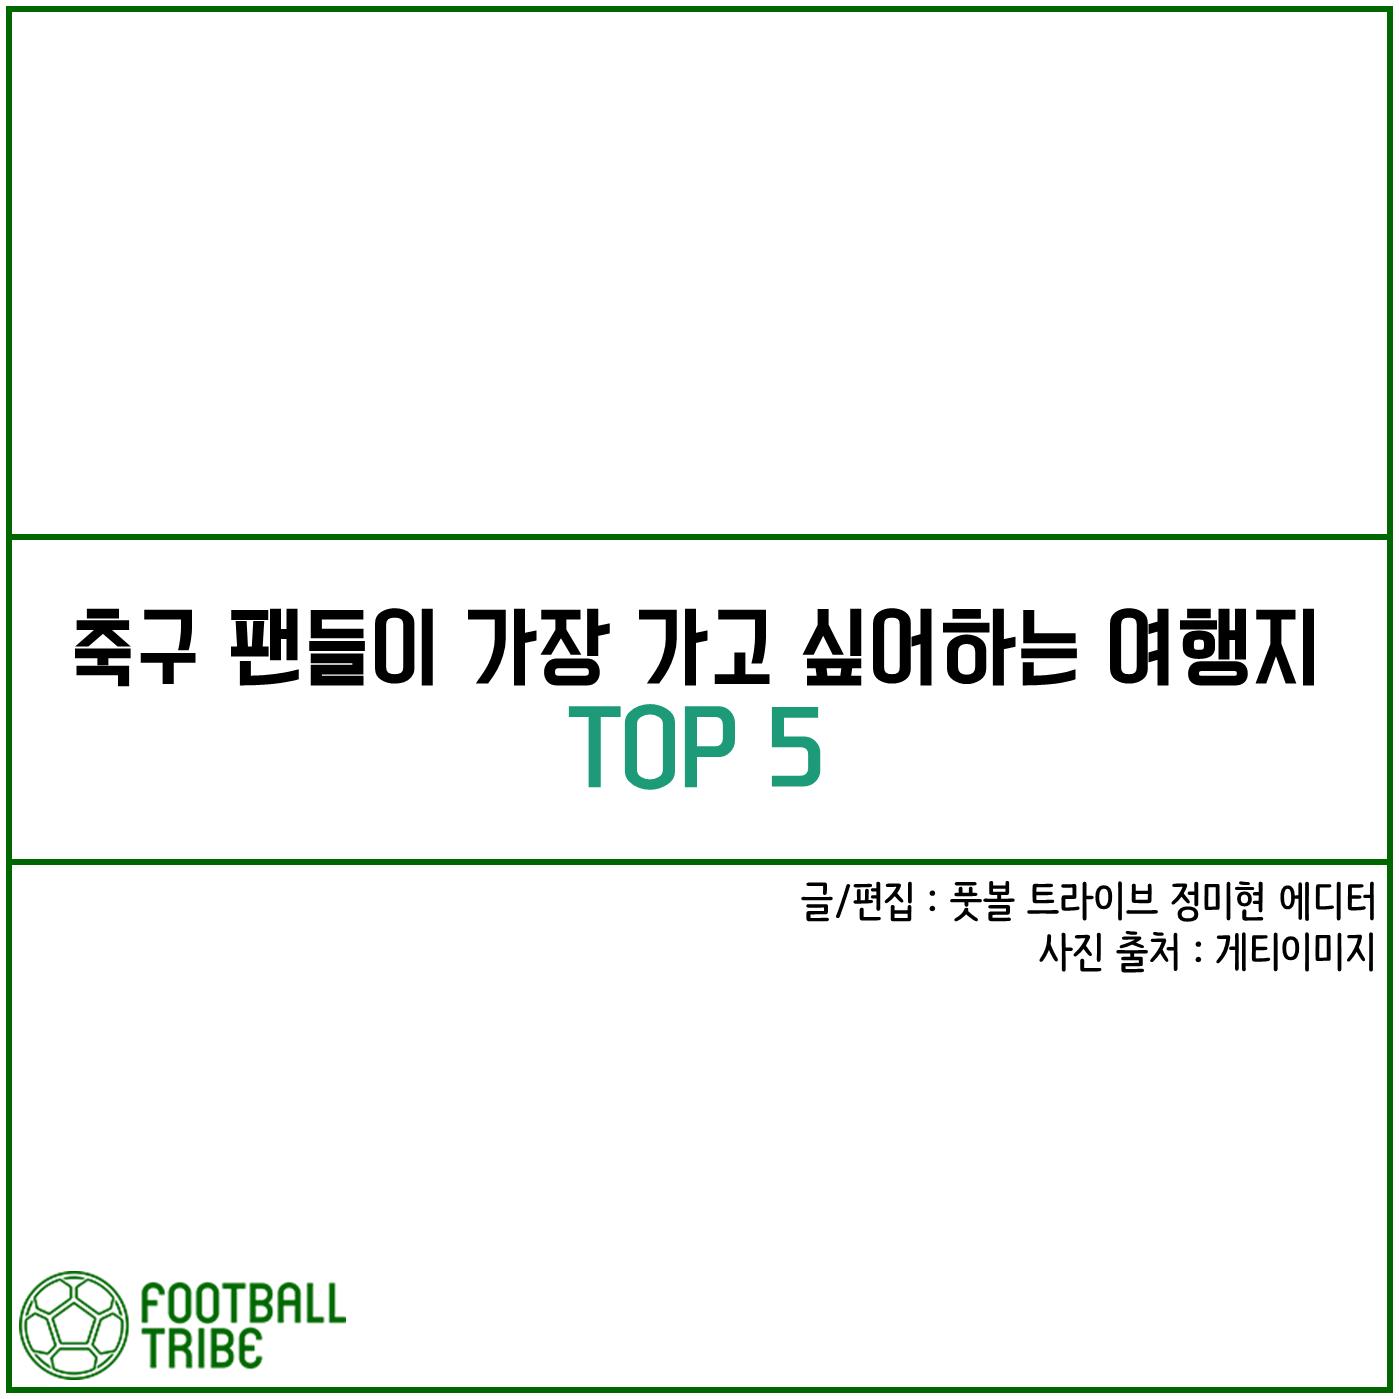 [카드 뉴스] 축구 팬들이 가장 가고 싶어하는 여행지 TOP 5